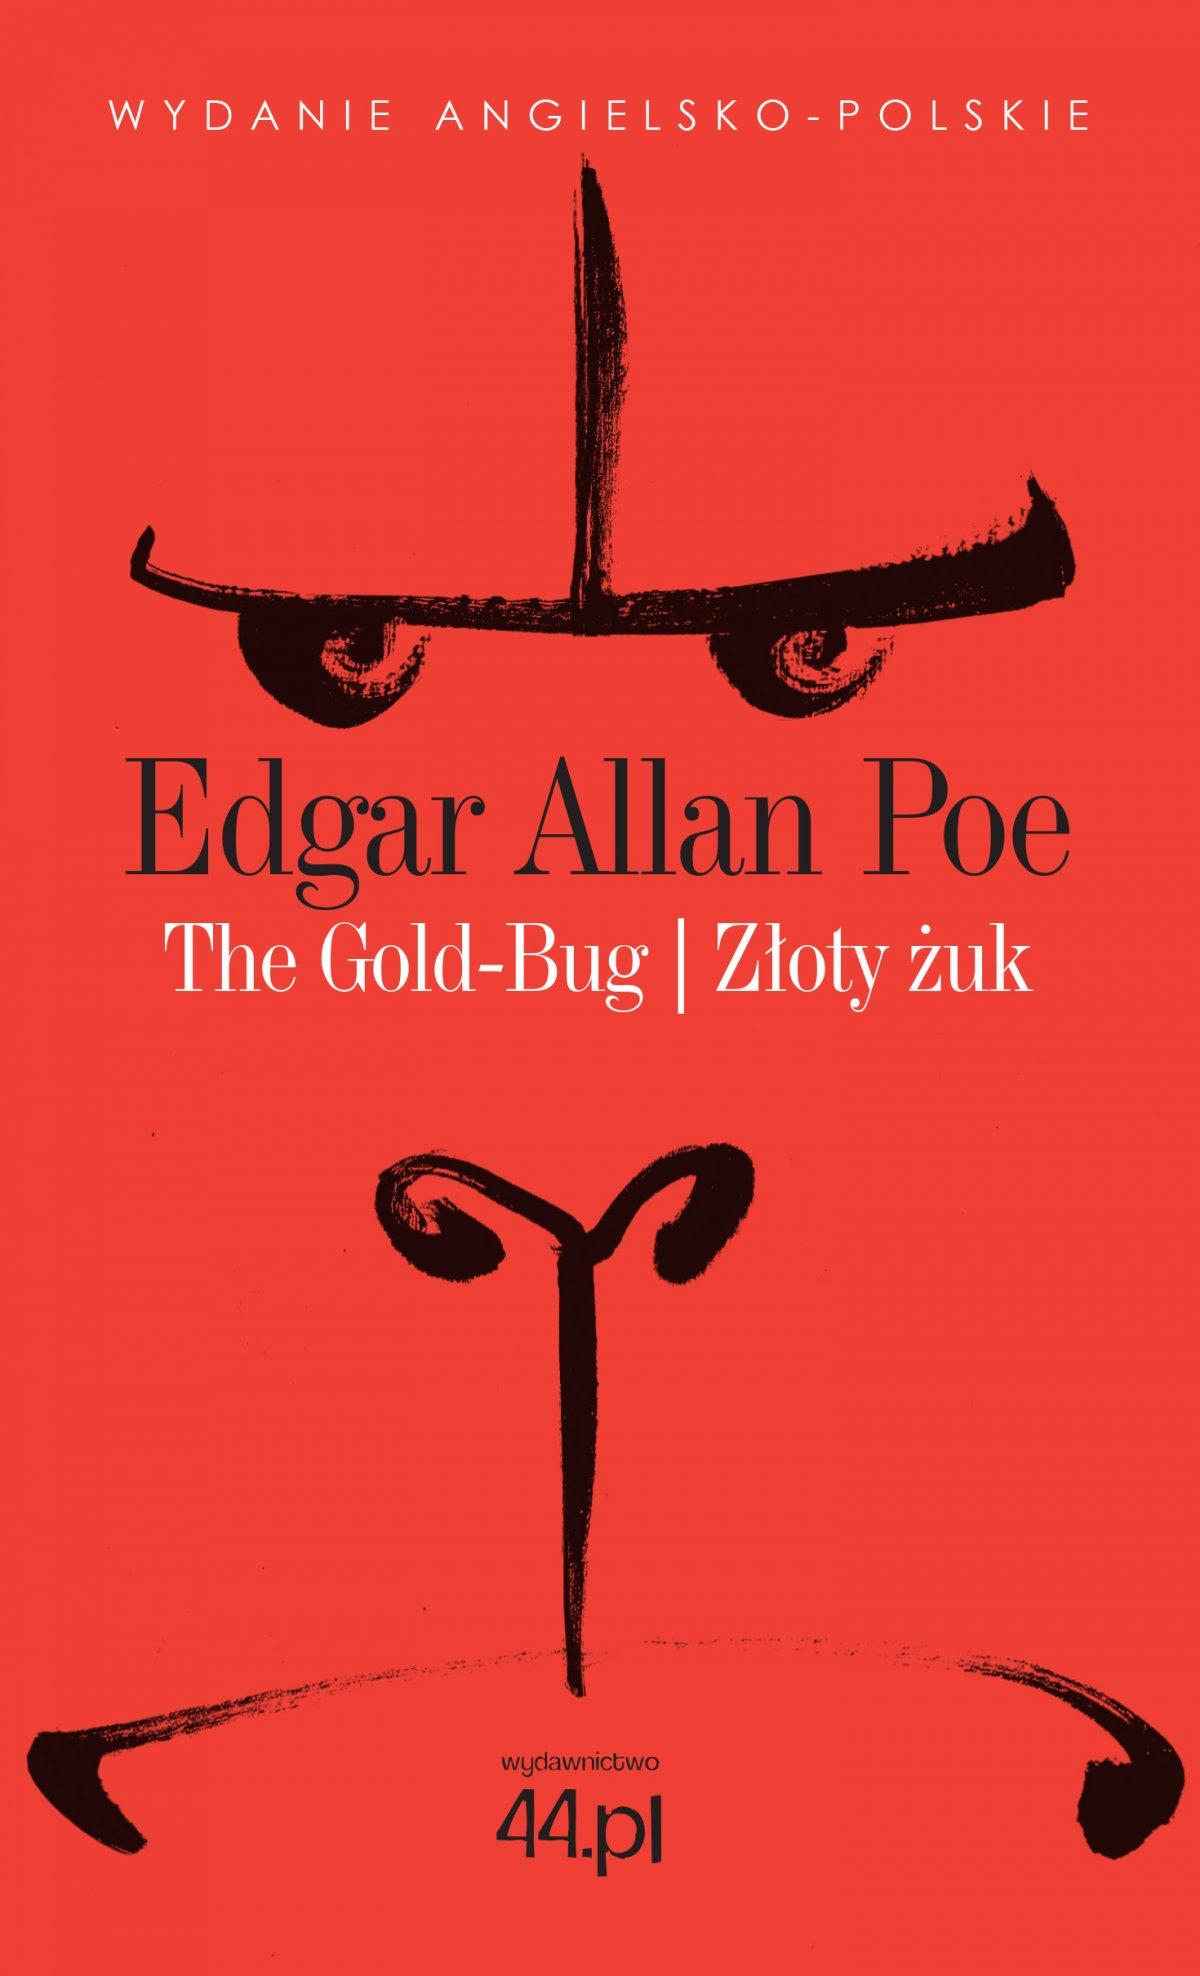 The Gold-Bug. Złoty żuk - Ebook (Książka EPUB) do pobrania w formacie EPUB